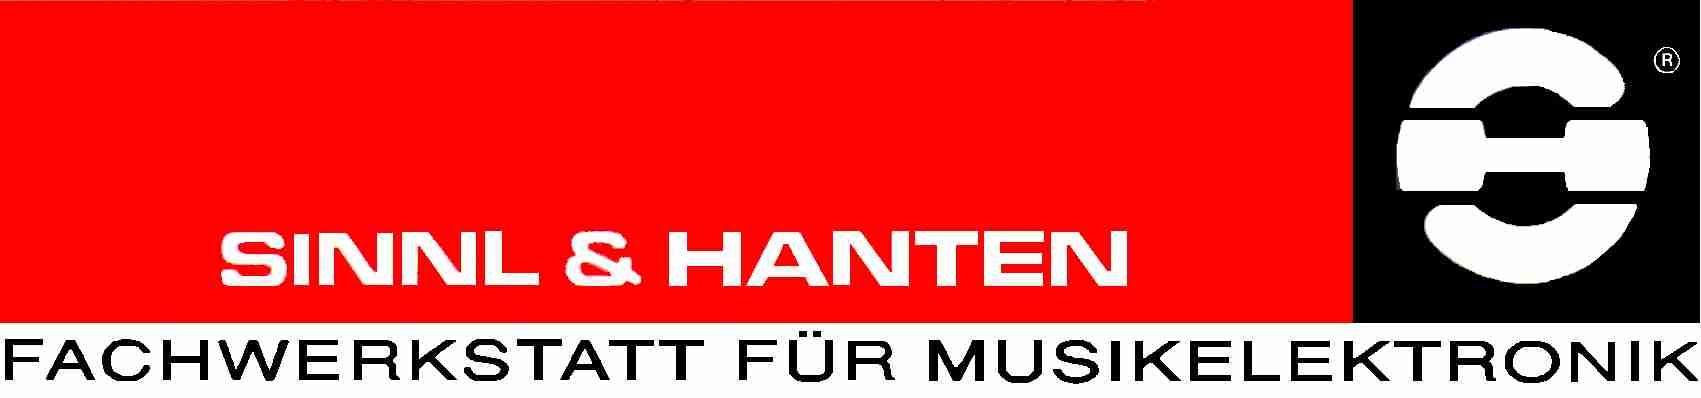 Sinnl & Hanten - Fachwerkstatt für Musikelektronik Logo